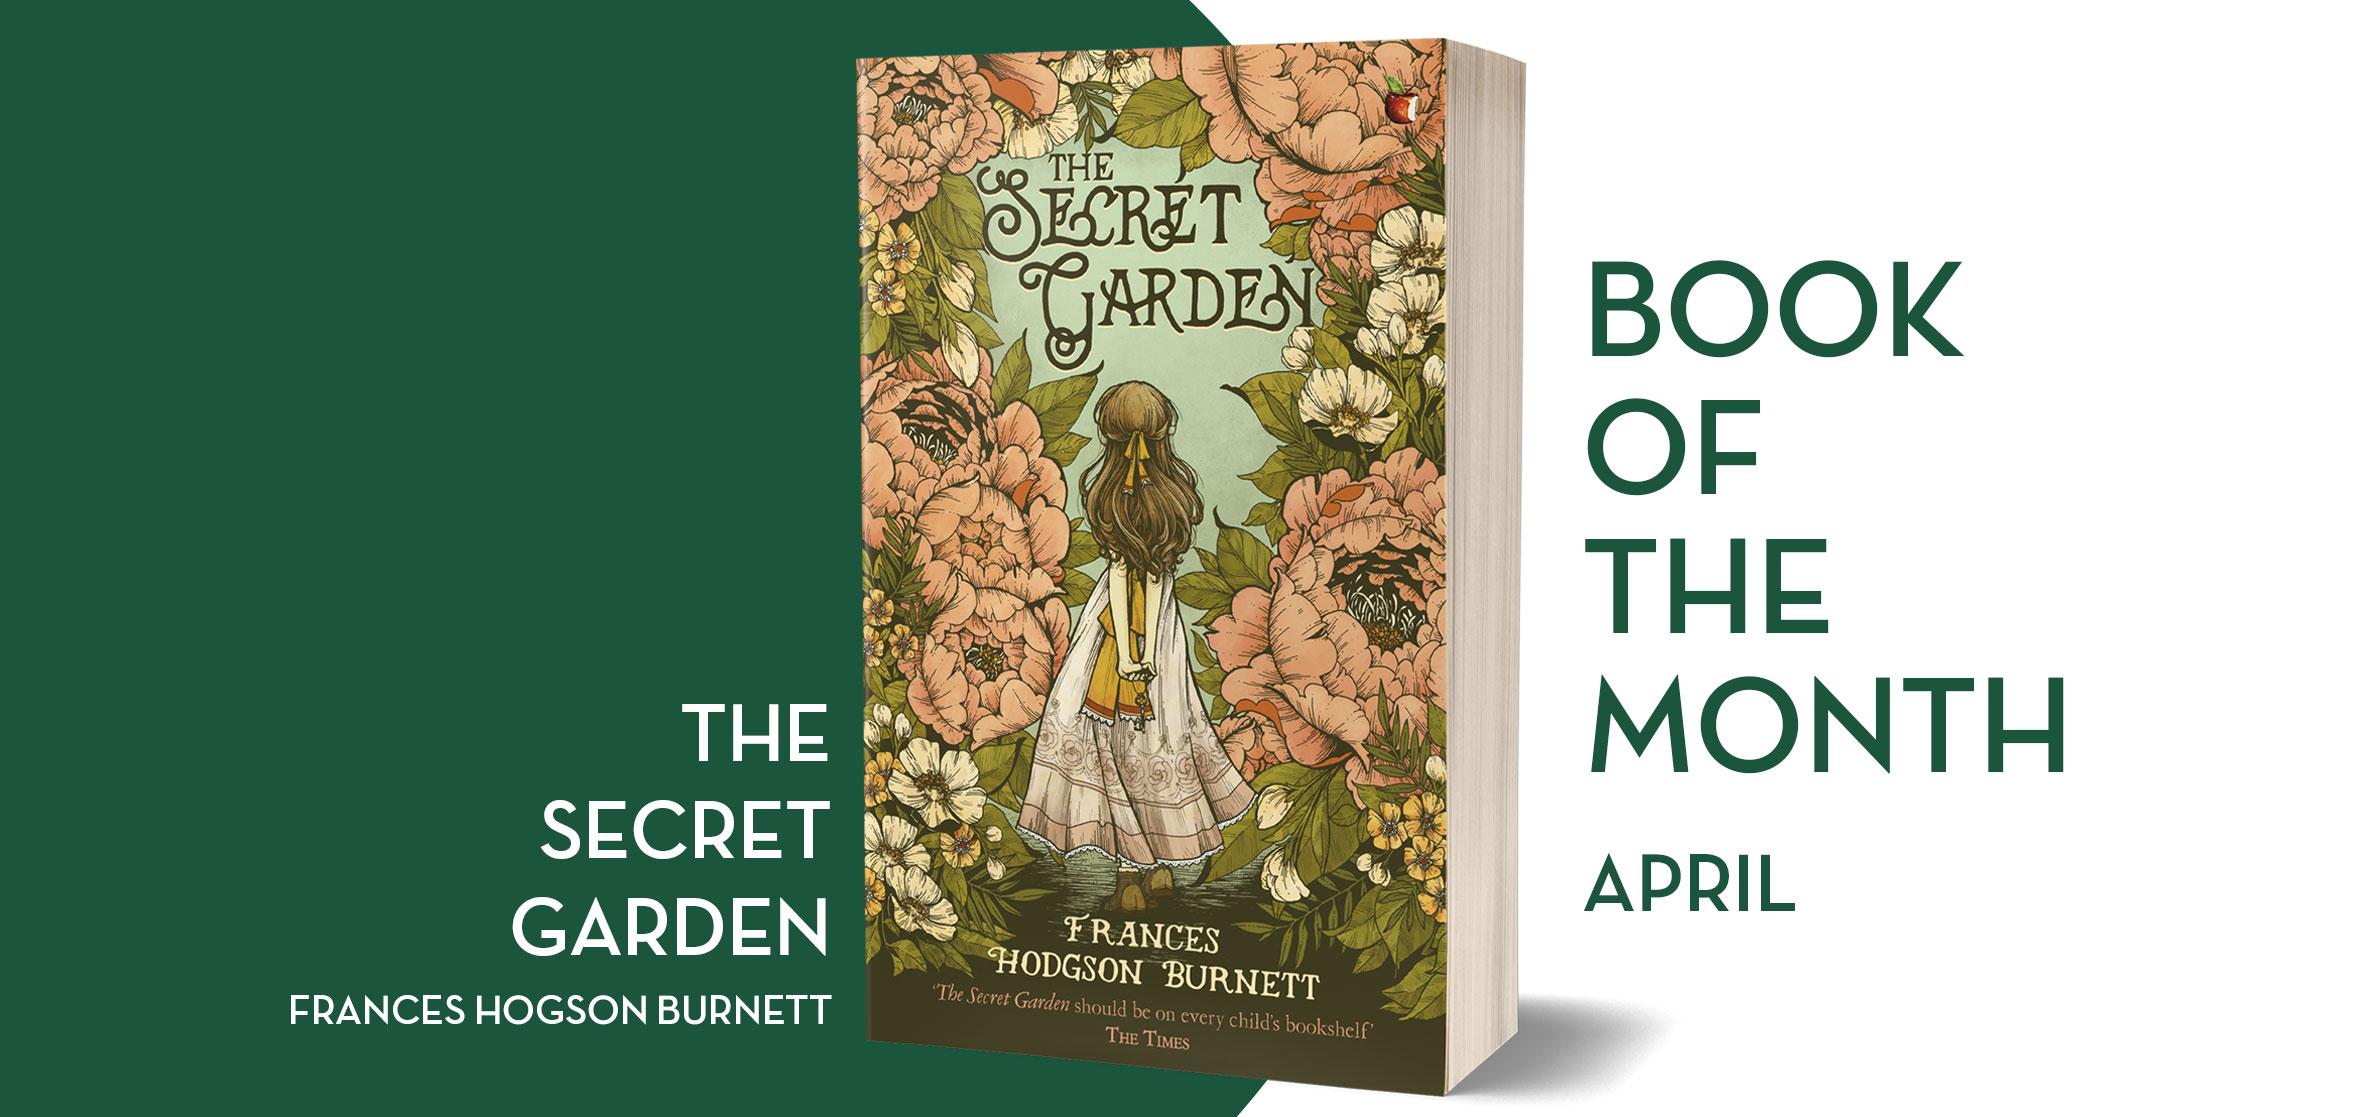 Virago Modern Classic Book Club The Secret Garden By Frances Hodgson Burnett Hachette Uk